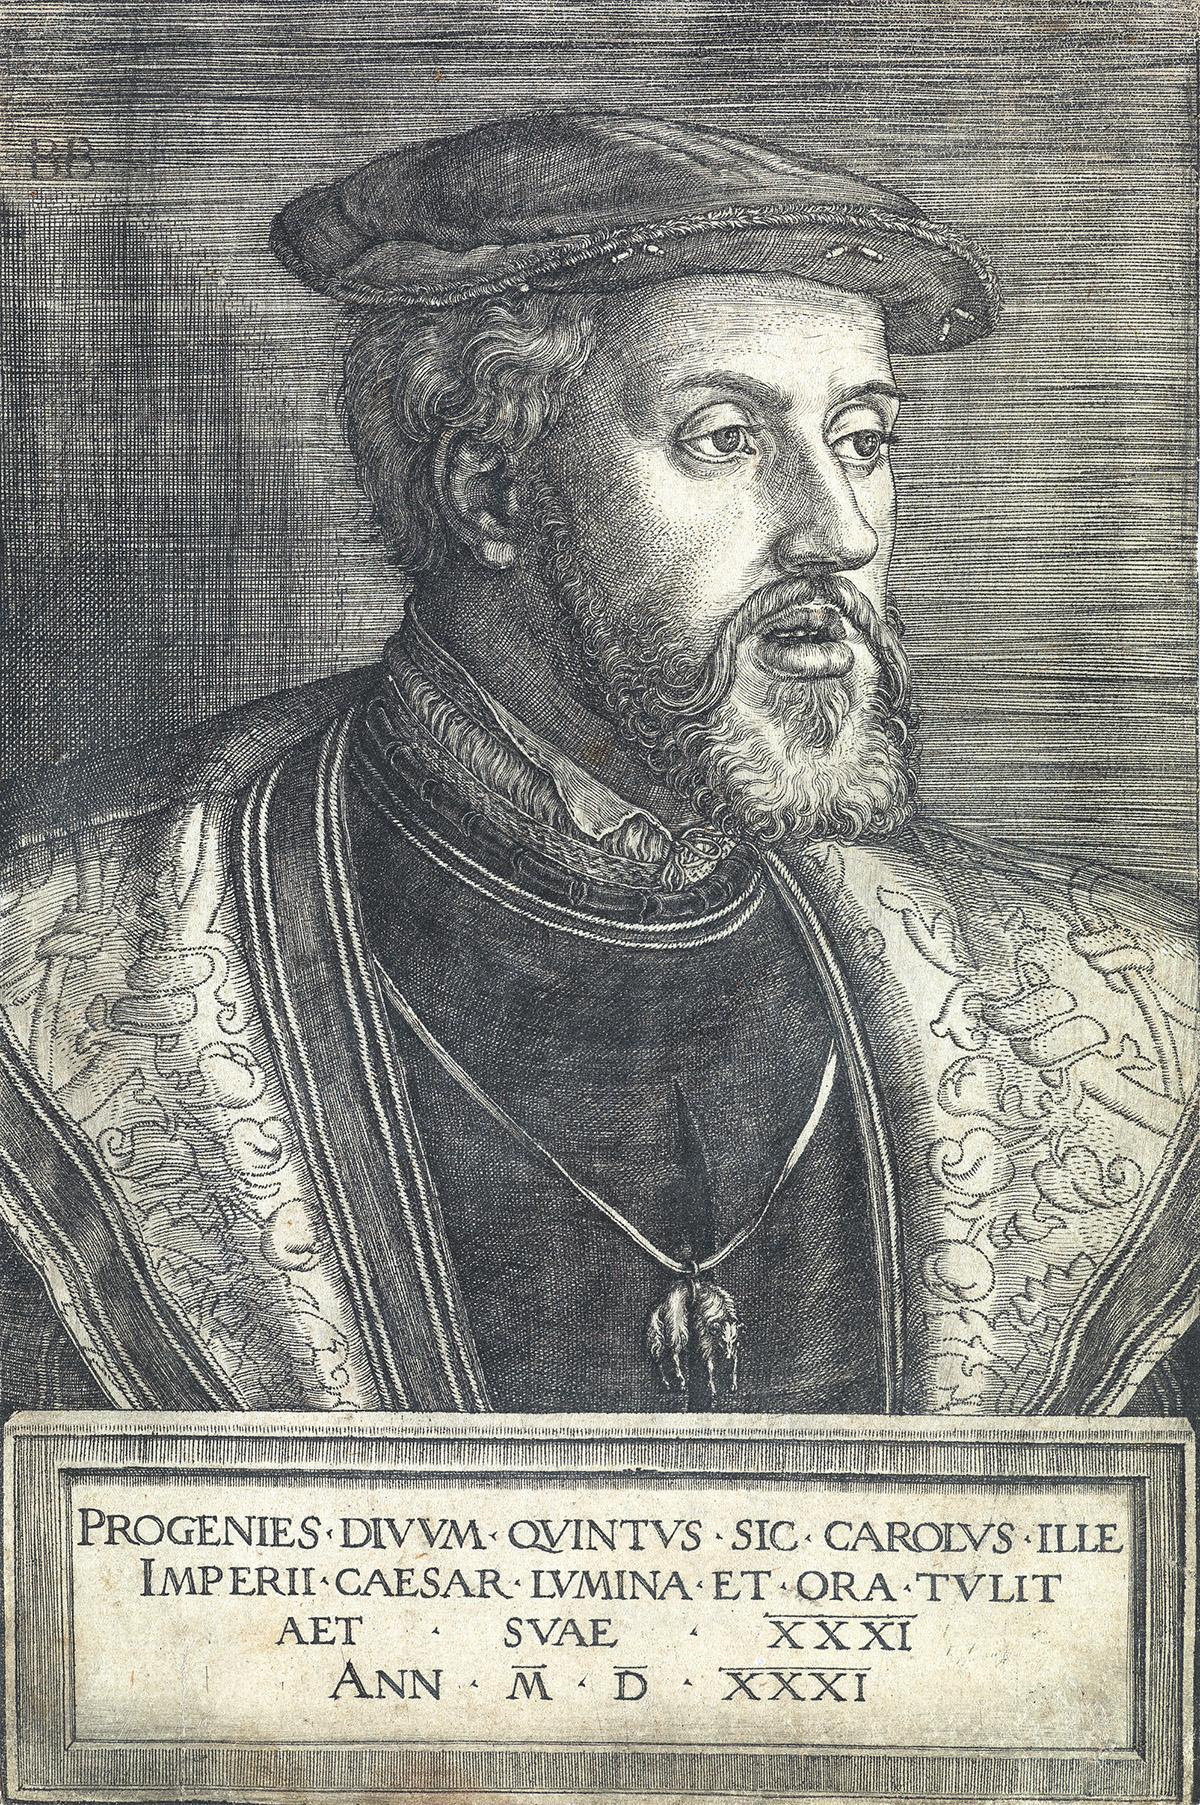 BARTHEL-BEHAM-Emperor-Charles-V